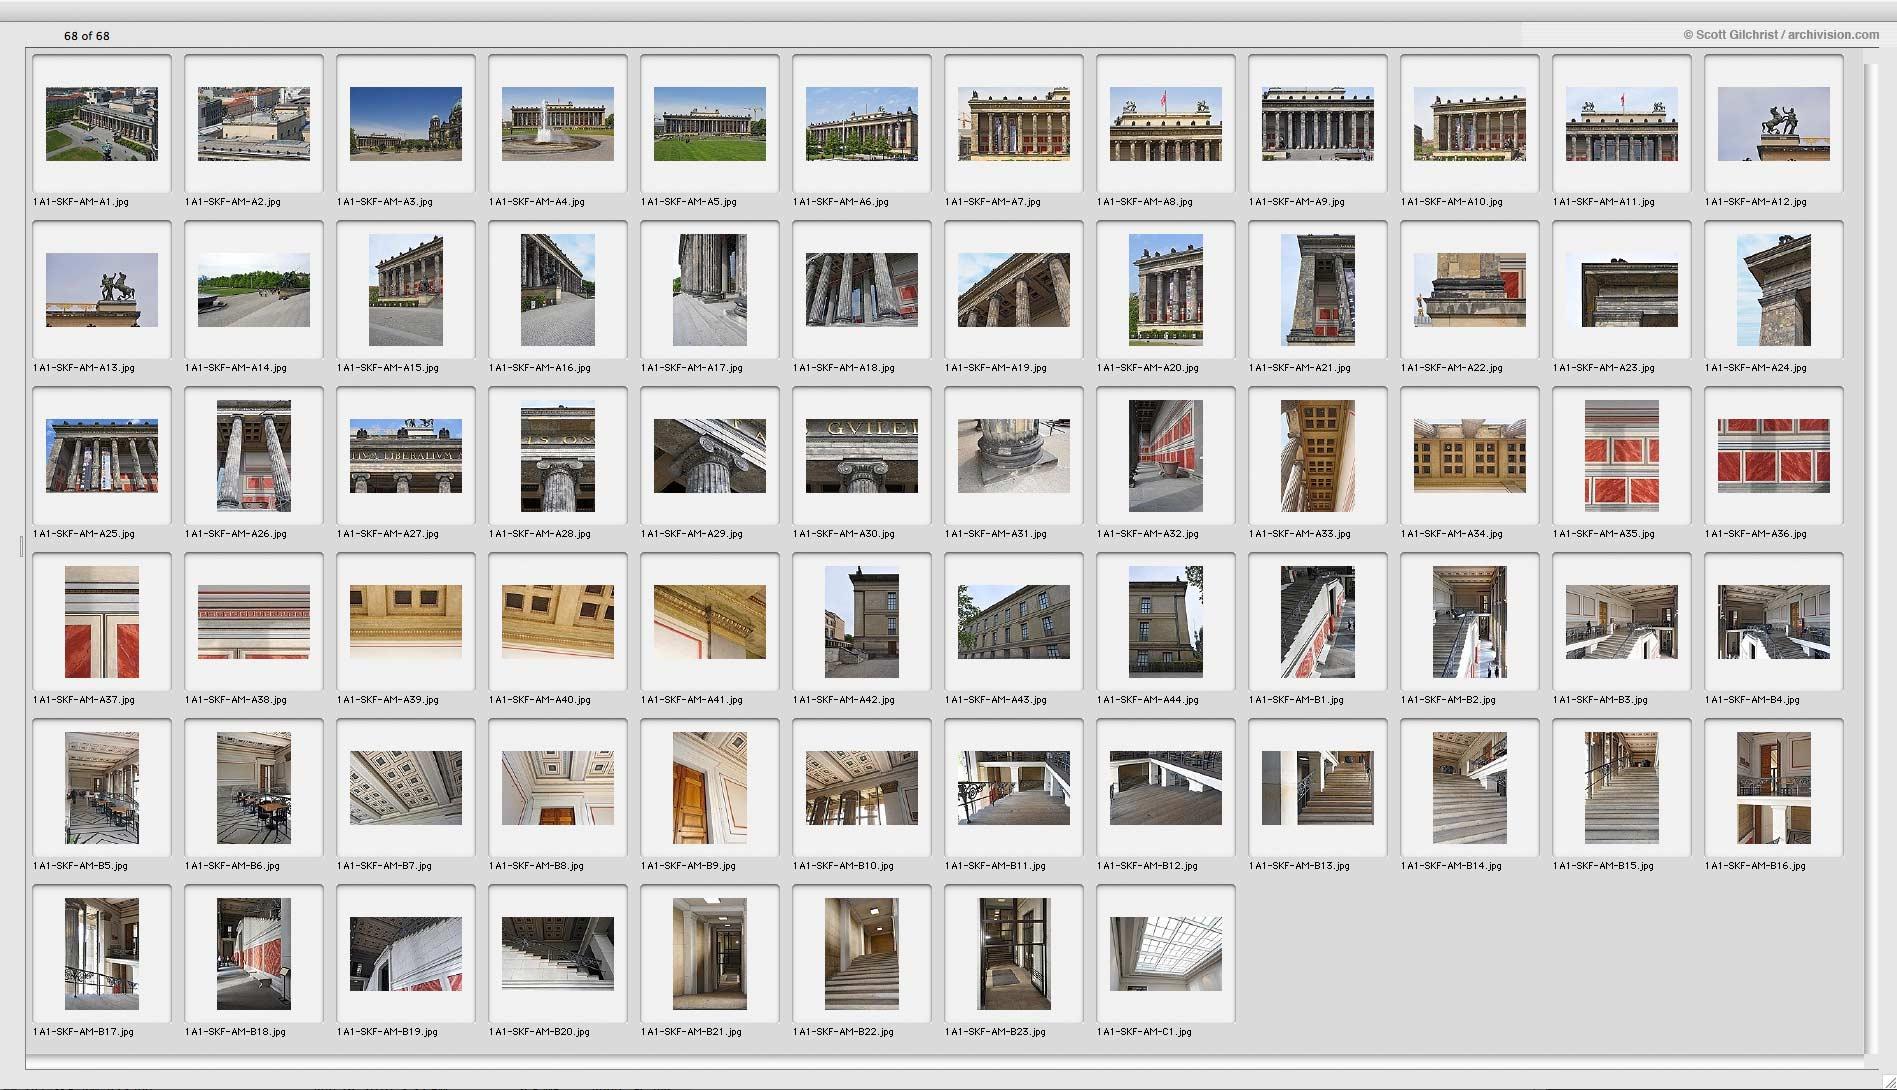 197 Piermarini Design Roma a r c h i v i s i o n: online catalogue